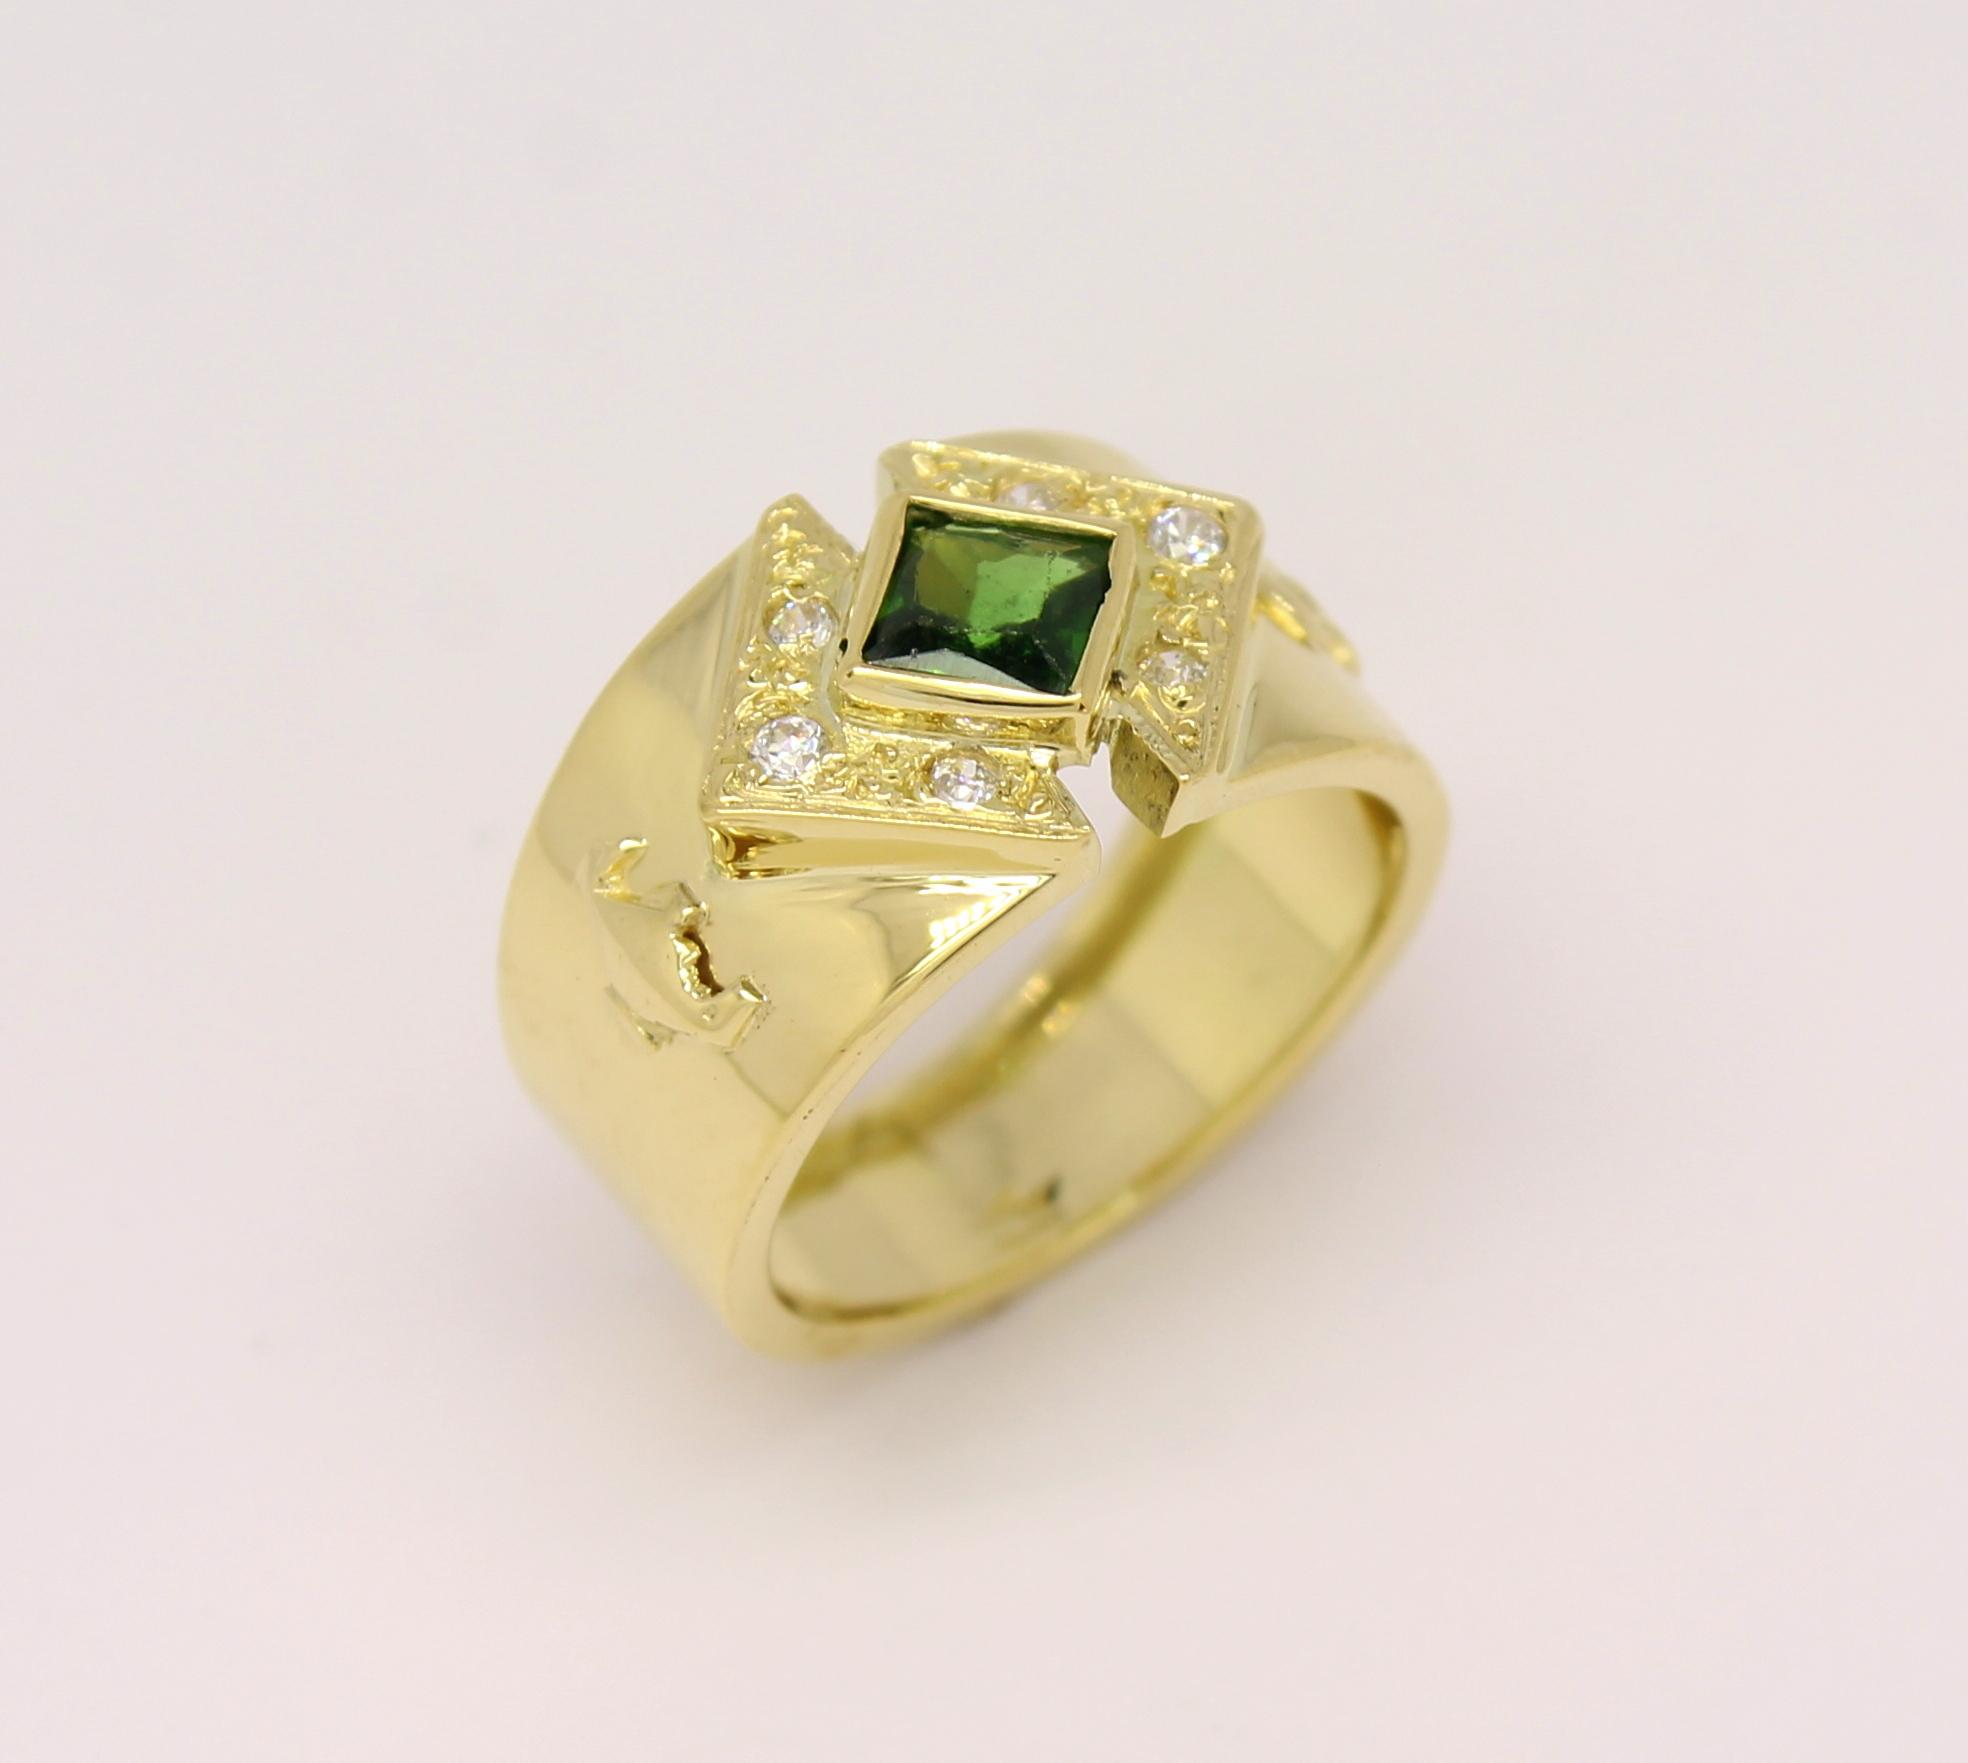 b379870eee741 Anel de Formatura Pedra Quadrada Ouro Amarelo 18k 750 - Marcio ...